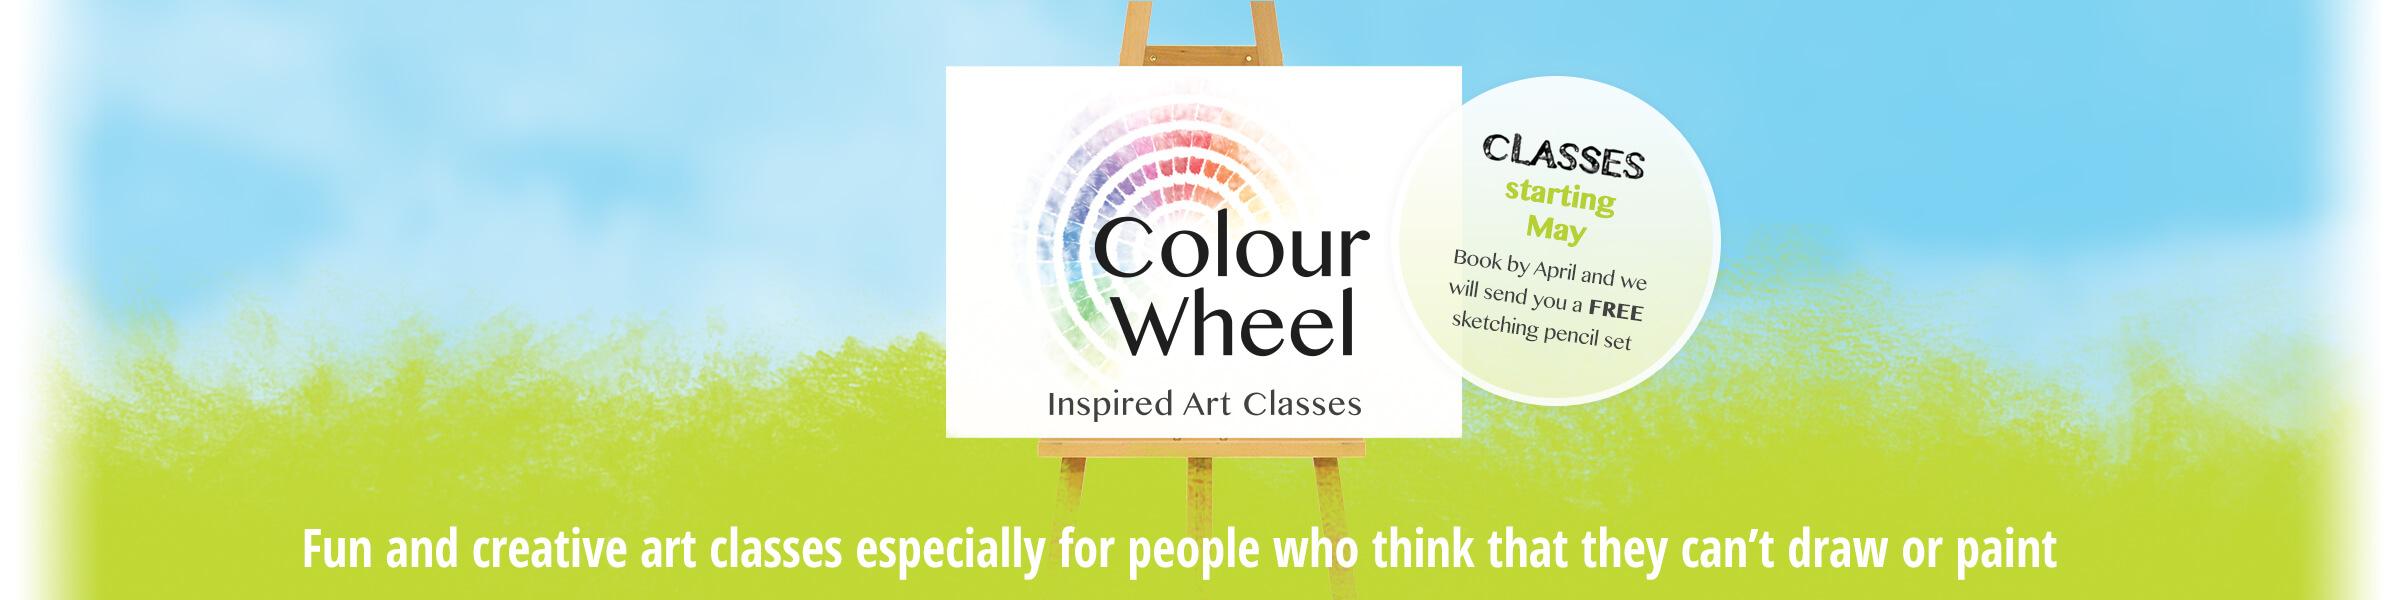 Art Classes In Sonning Inspired Art Classes Colourwheel Art